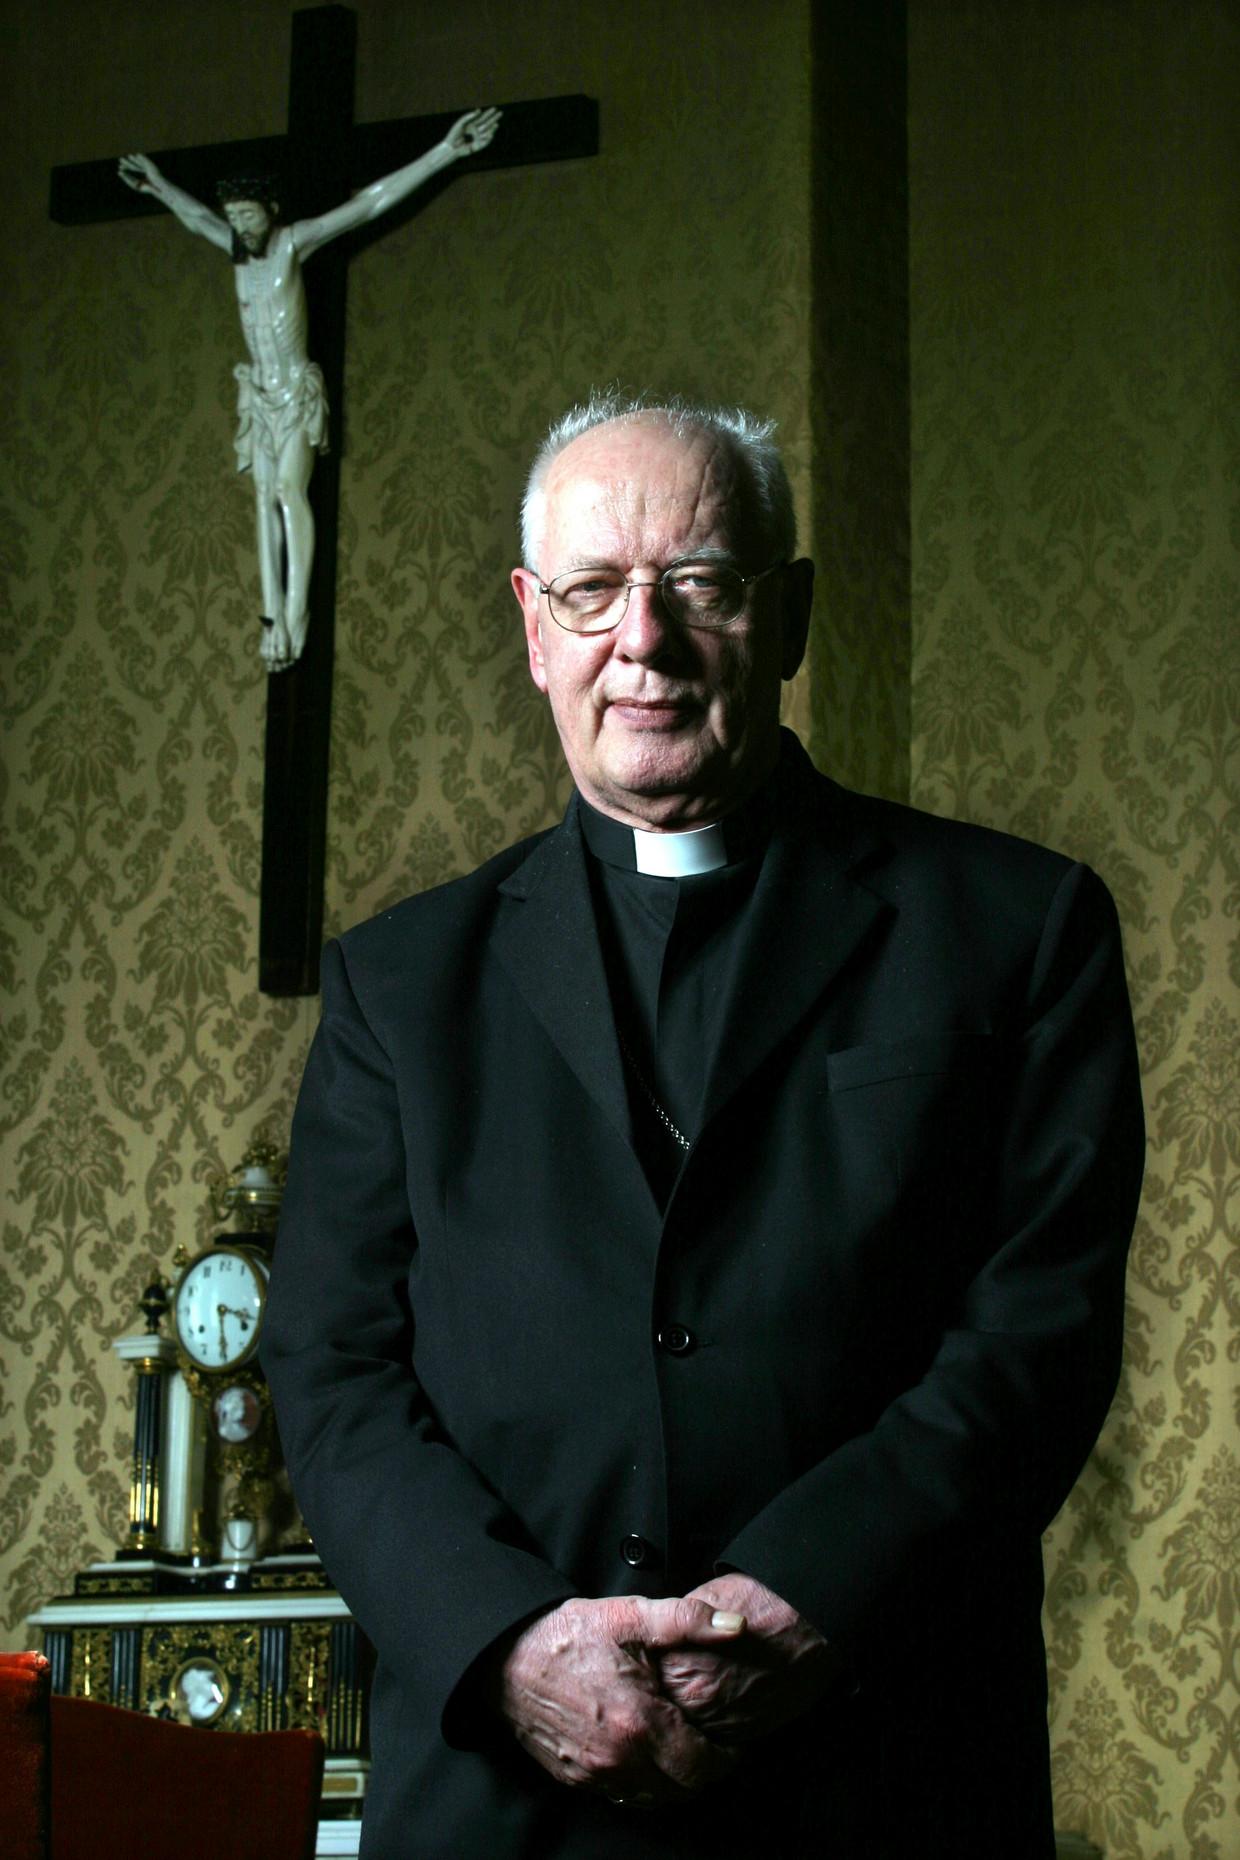 Kardinaal Simonis in 2005. Beeld Bert Verhoeff / HH